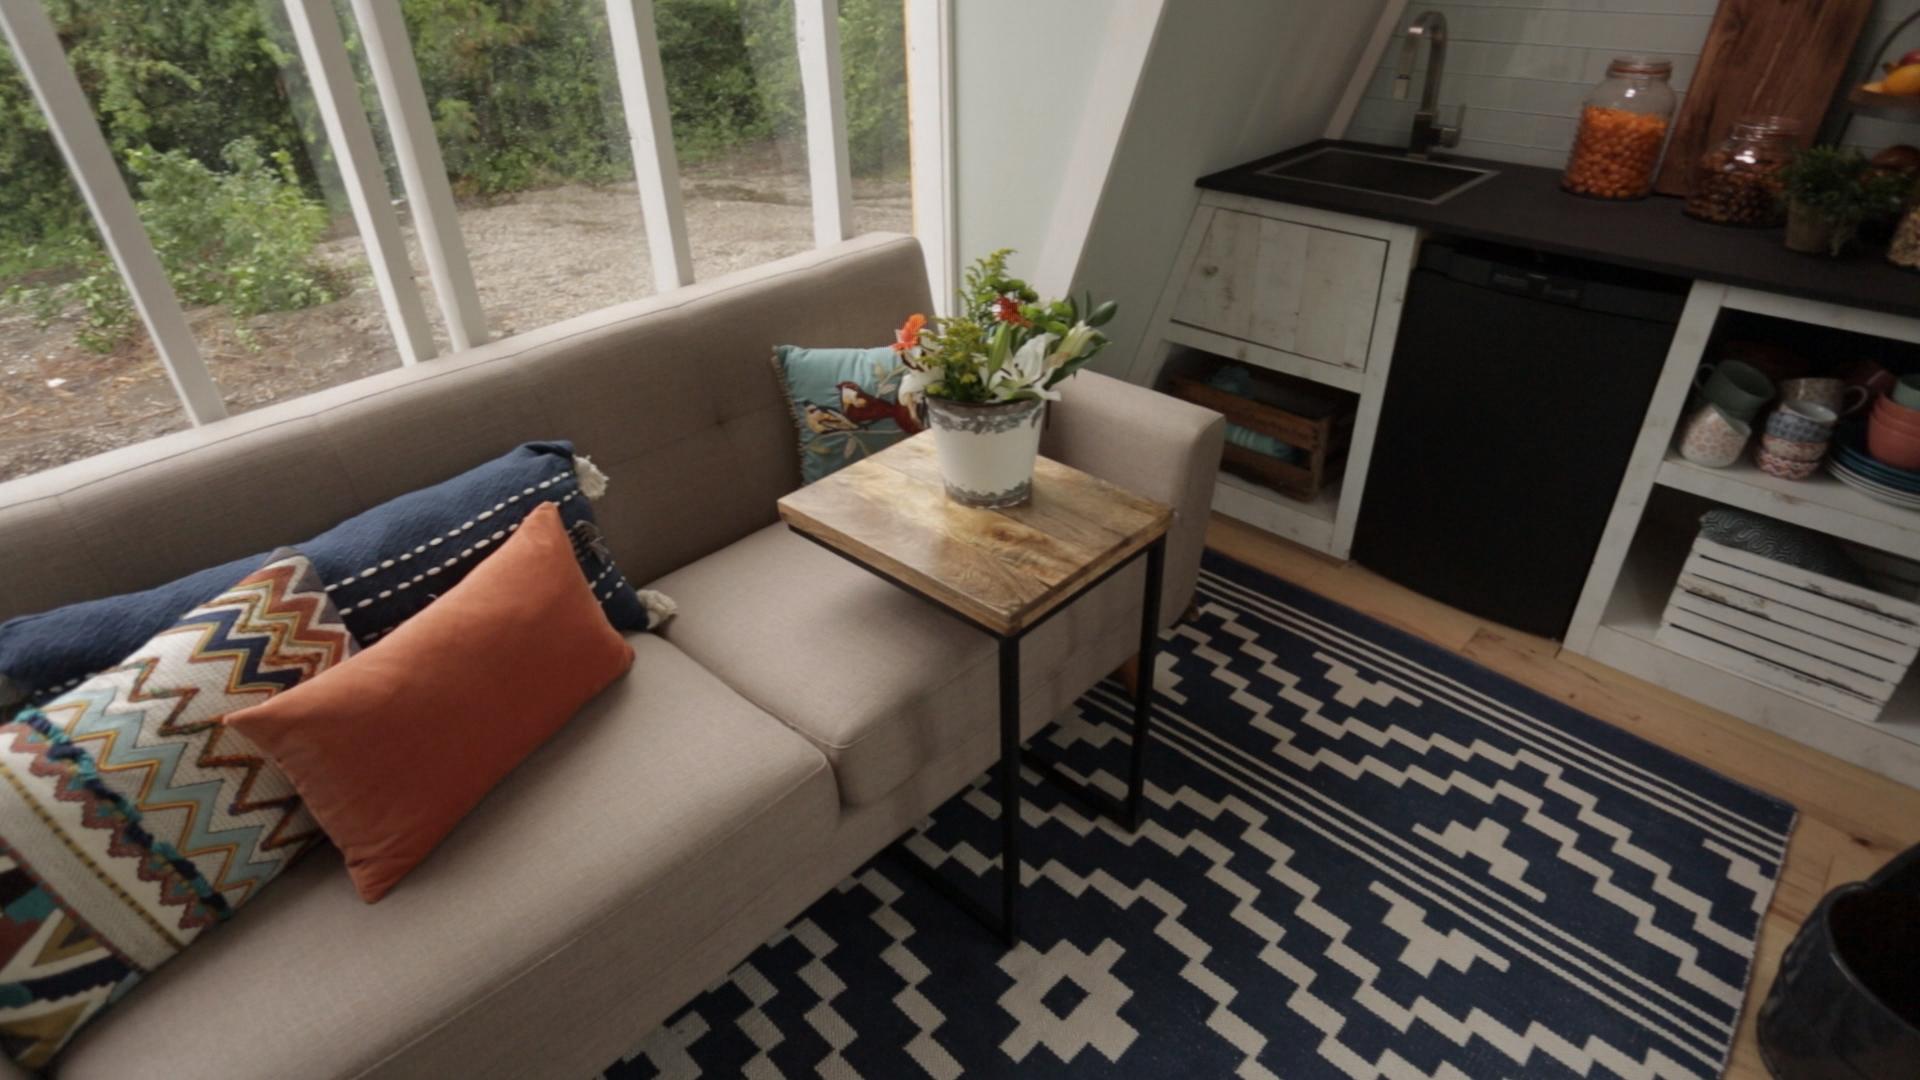 RAI30027.new.01 108 - Chicken Coop - CAM C - Living Room After 1.jpg